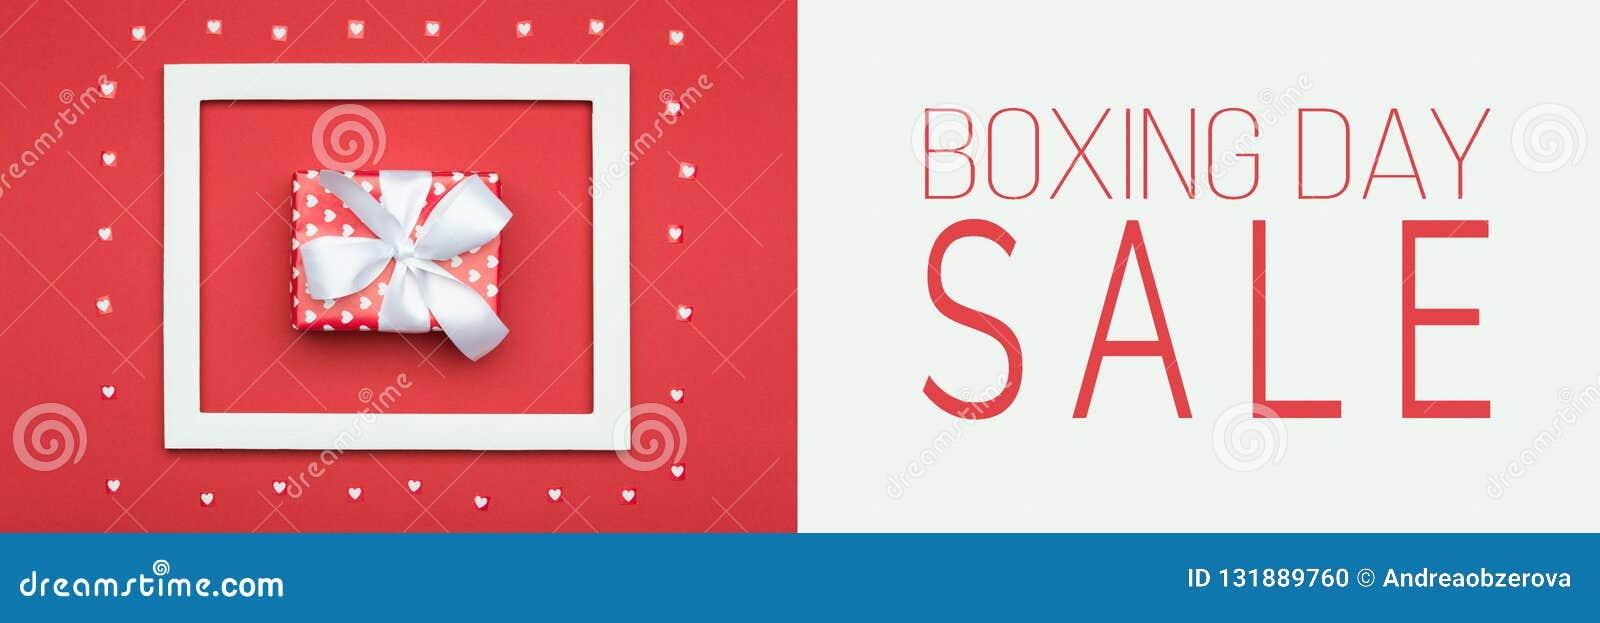 Drugi dzień Świąt Bożego Narodzenia sprzedaży sztandar Świąteczny zima wakacji sprzedaży Bożenarodzeniowy tło